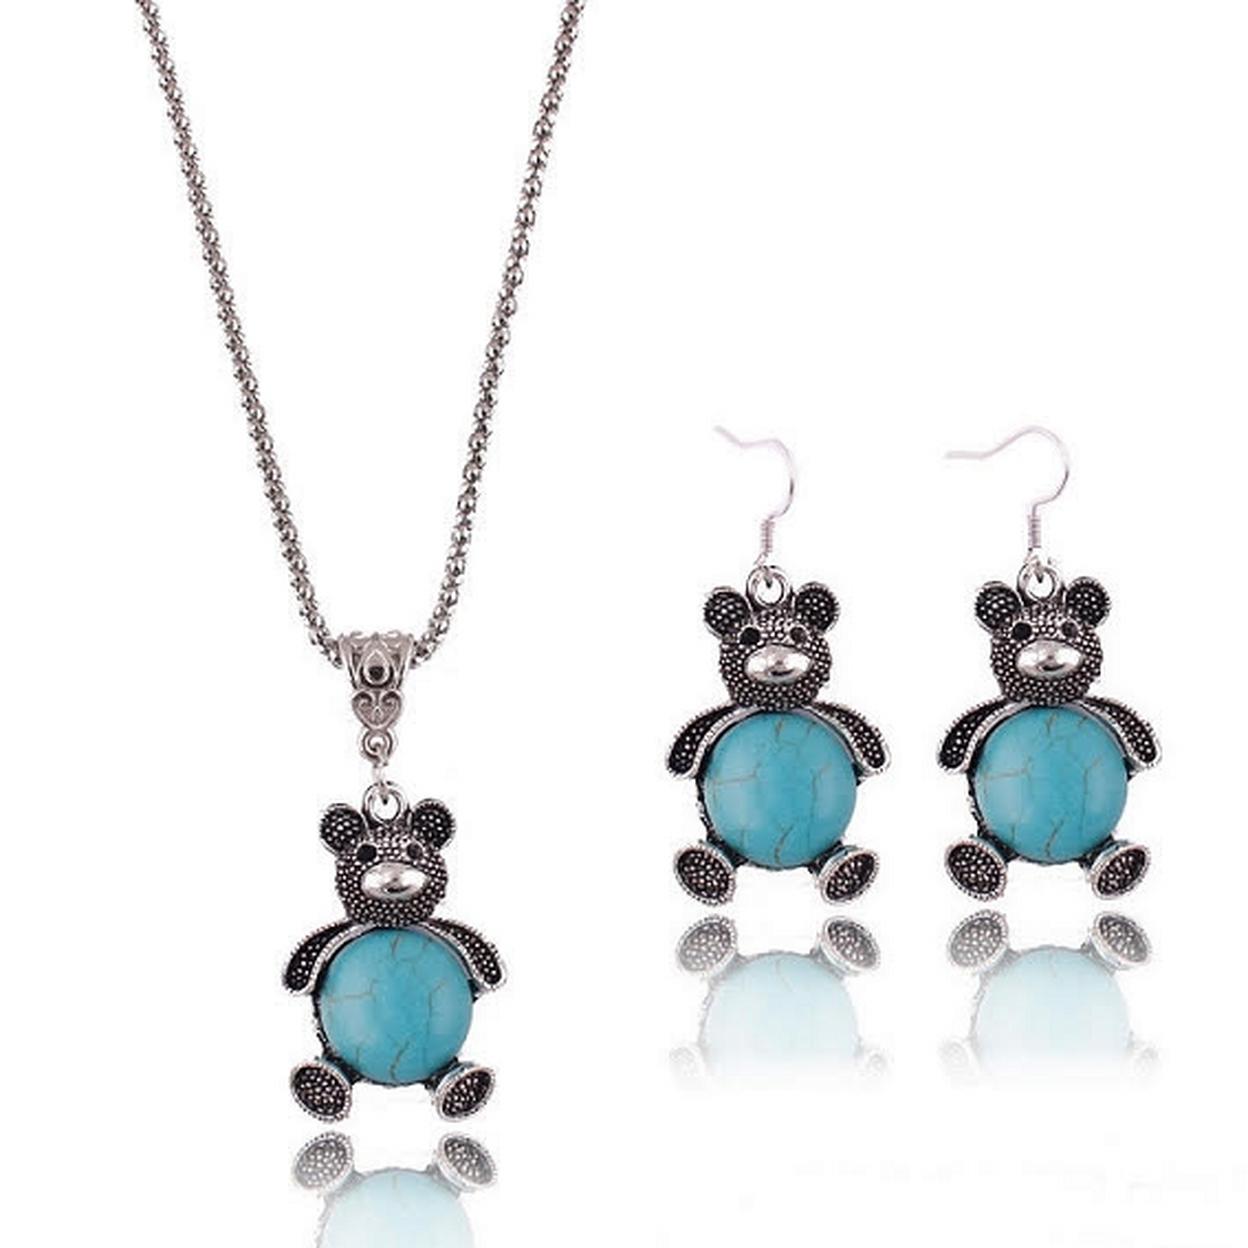 Turquoise Teddy Bear Set 56533aa38e3d6fc2178b47a6